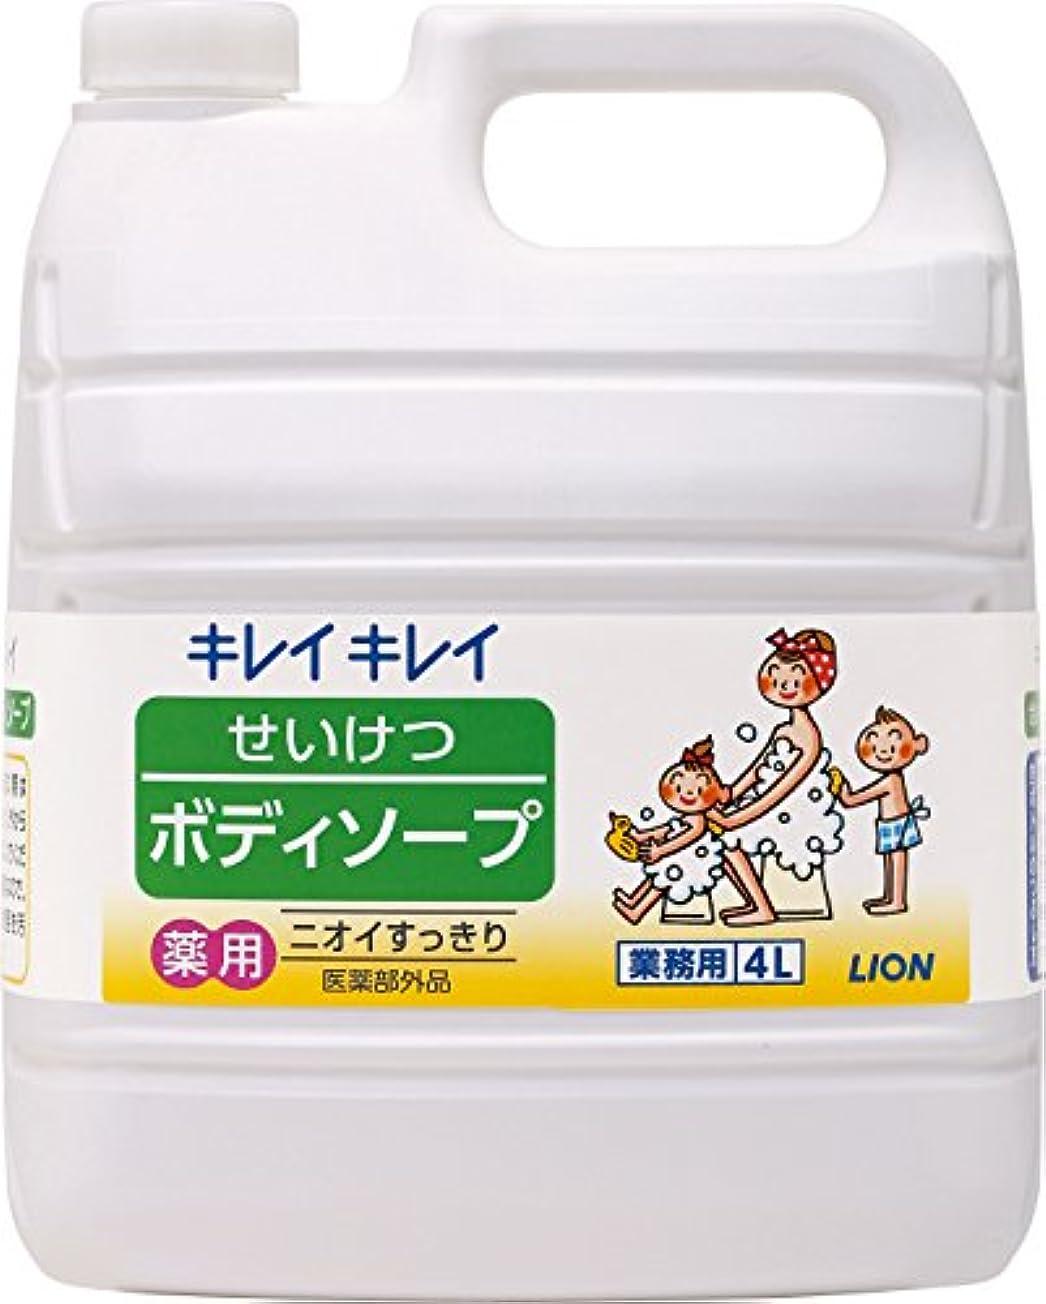 ドリンク物理的に沿って【業務用 大容量】キレイキレイ せいけつボディソープ さわやかなレモン&オレンジの香り 4L(医薬部外品)